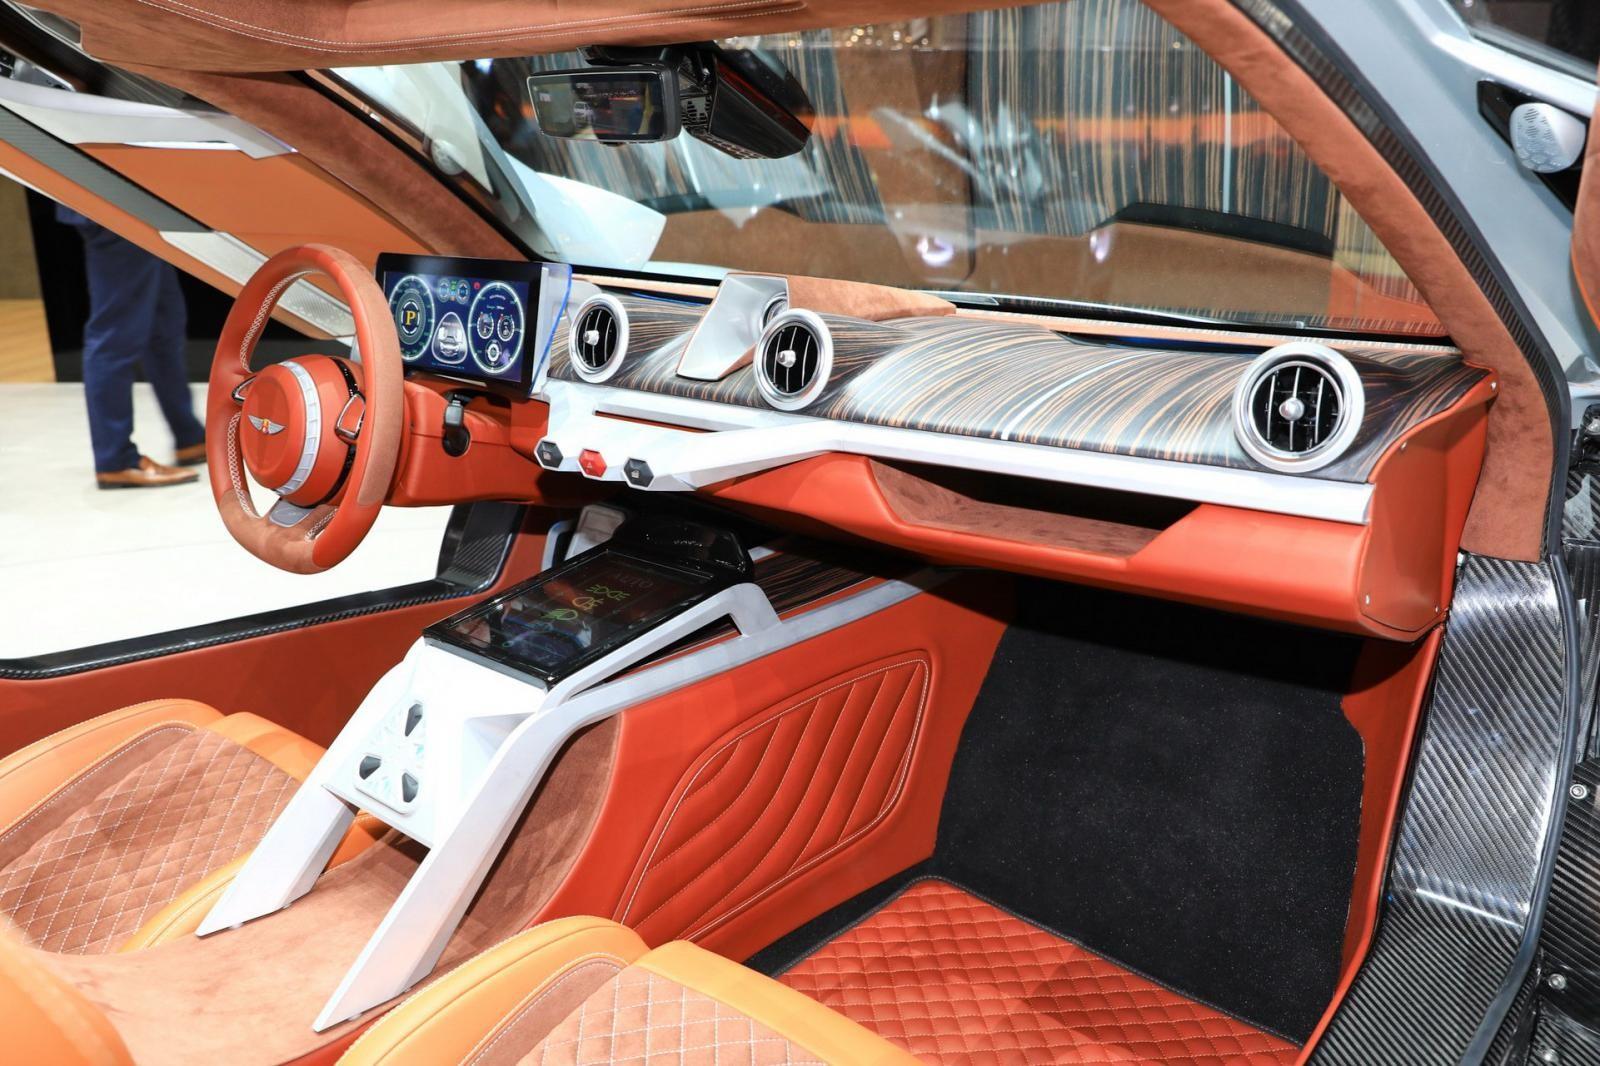 Nội thất của Hispano Suiza Carmen có sự hiện đại và áp dụng nhiều chất liệu sang trọng